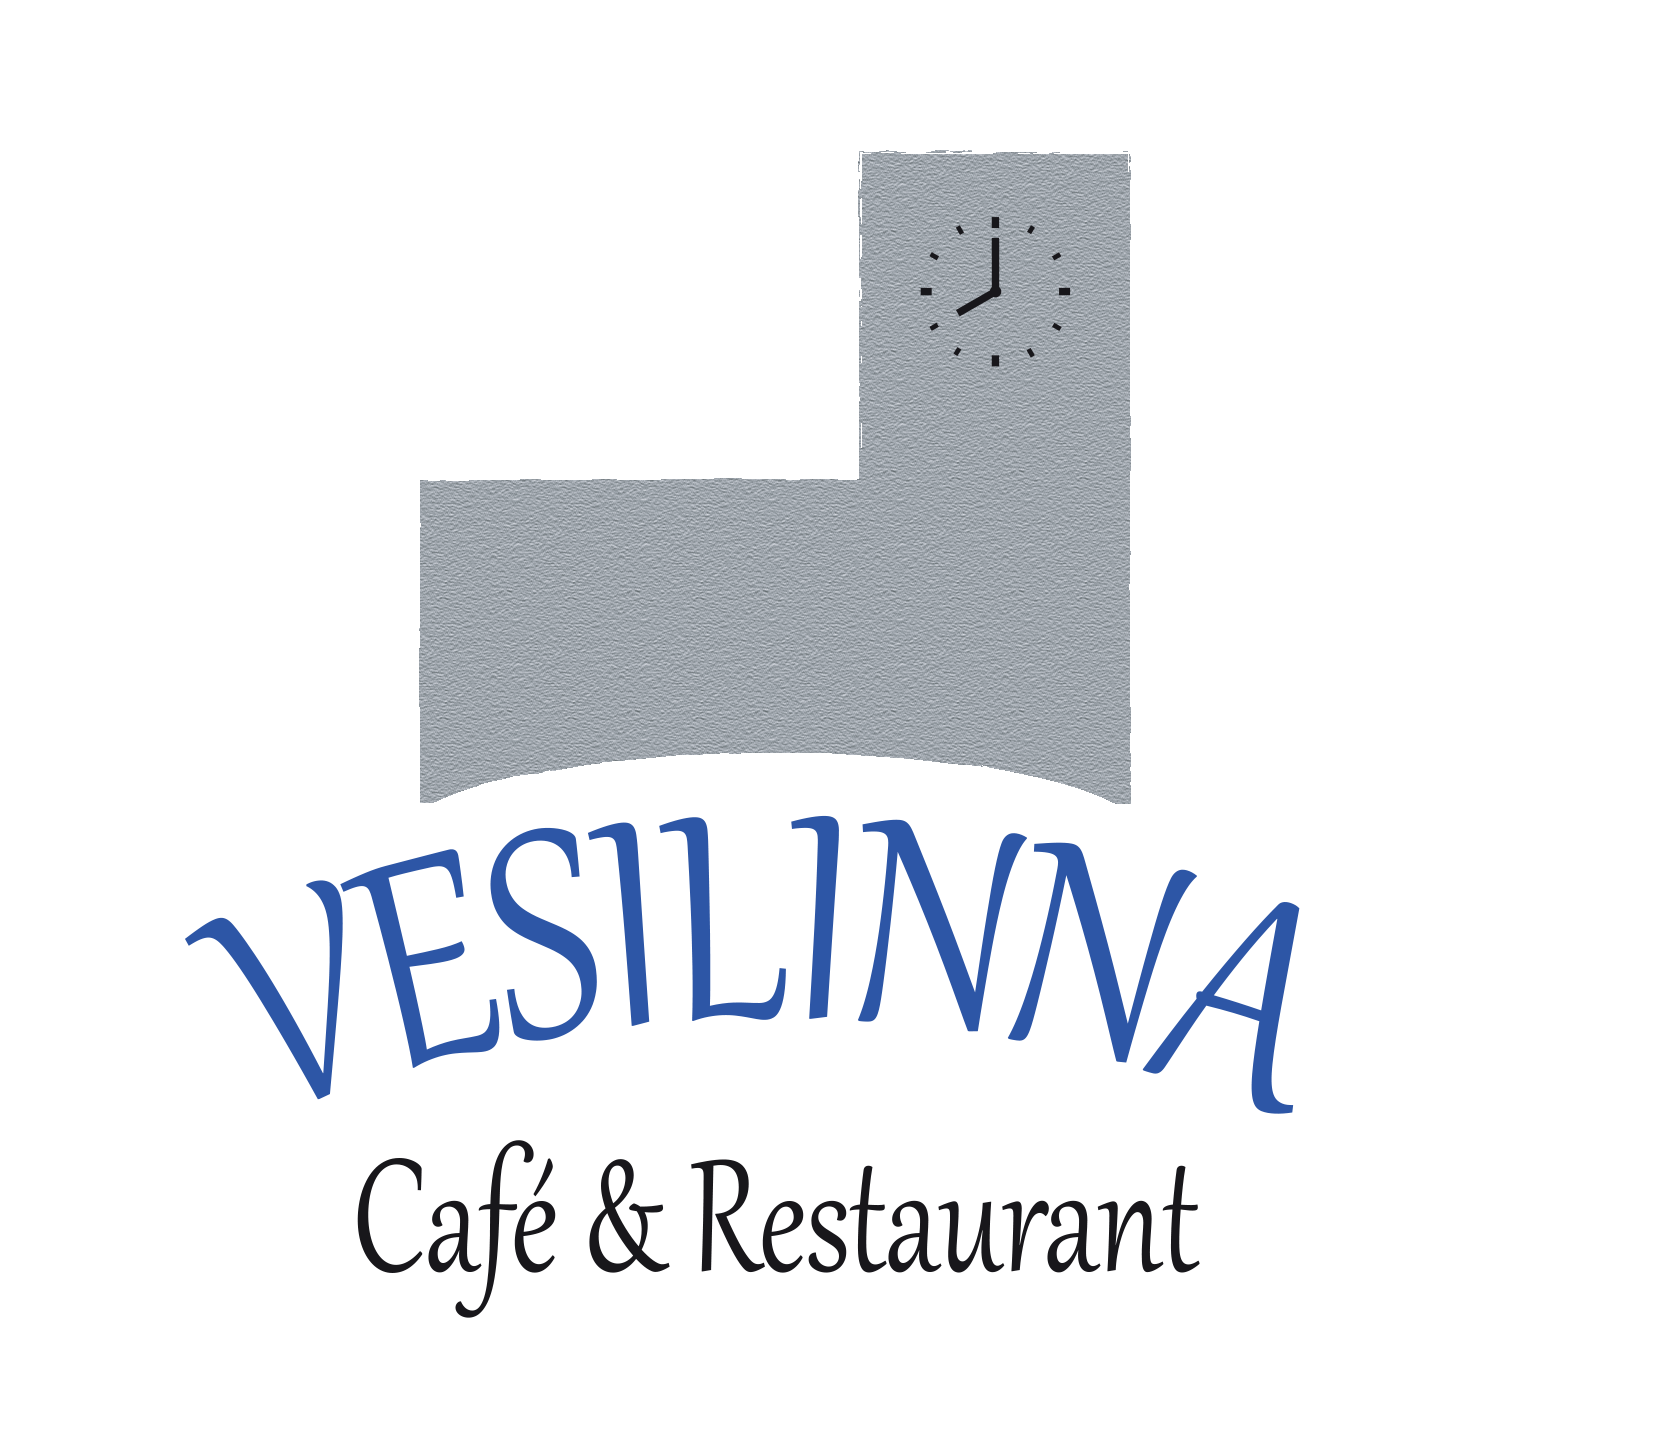 Café & Restaurant Vesilinna logo